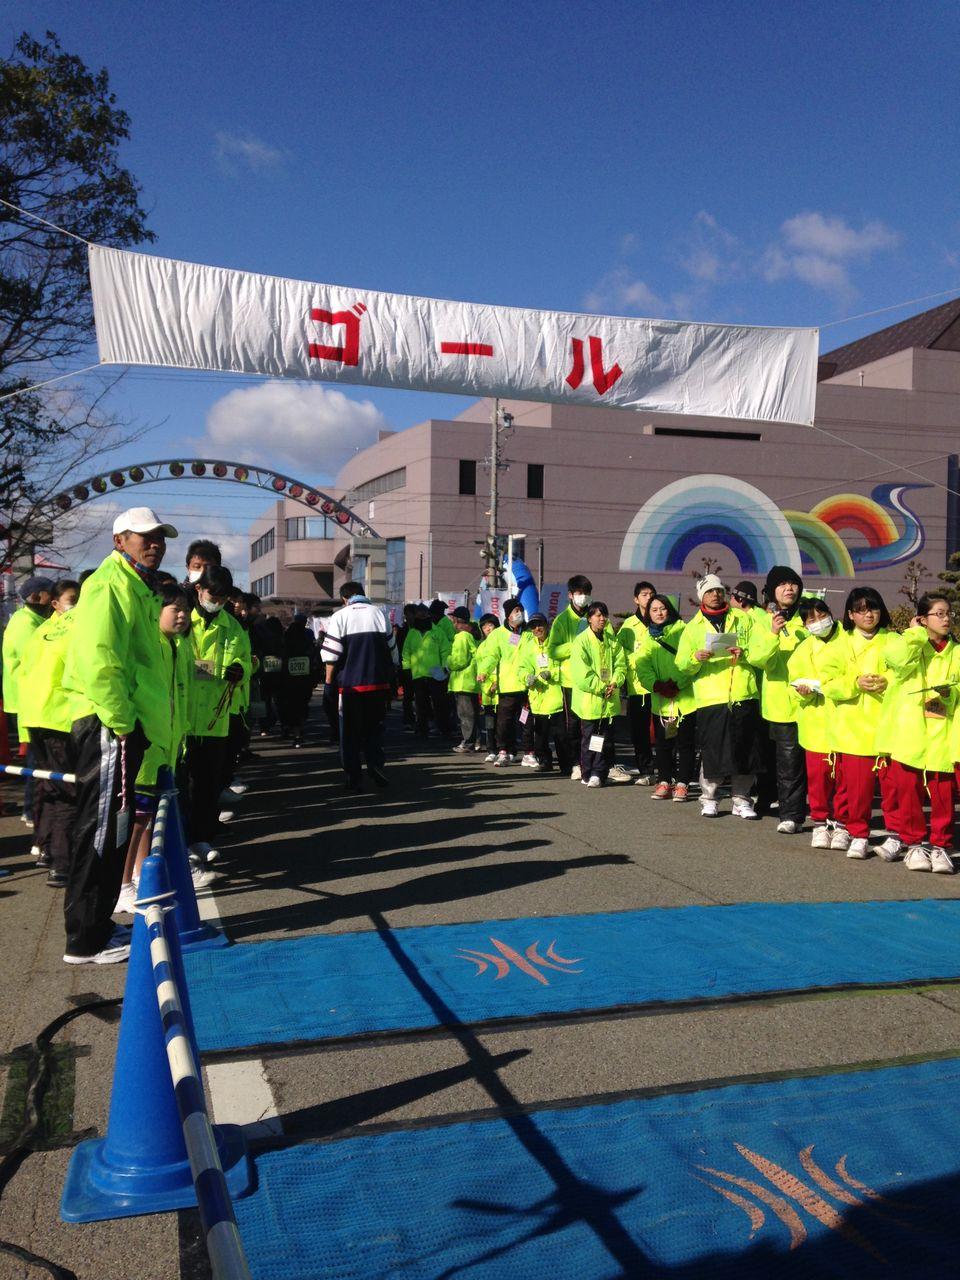 8ad66373ff 今年度は2000人を超える選手の方が参加しました。 この大会は毎年1月に開催しています。 新年の走り初めに参加してみてはどうですか?